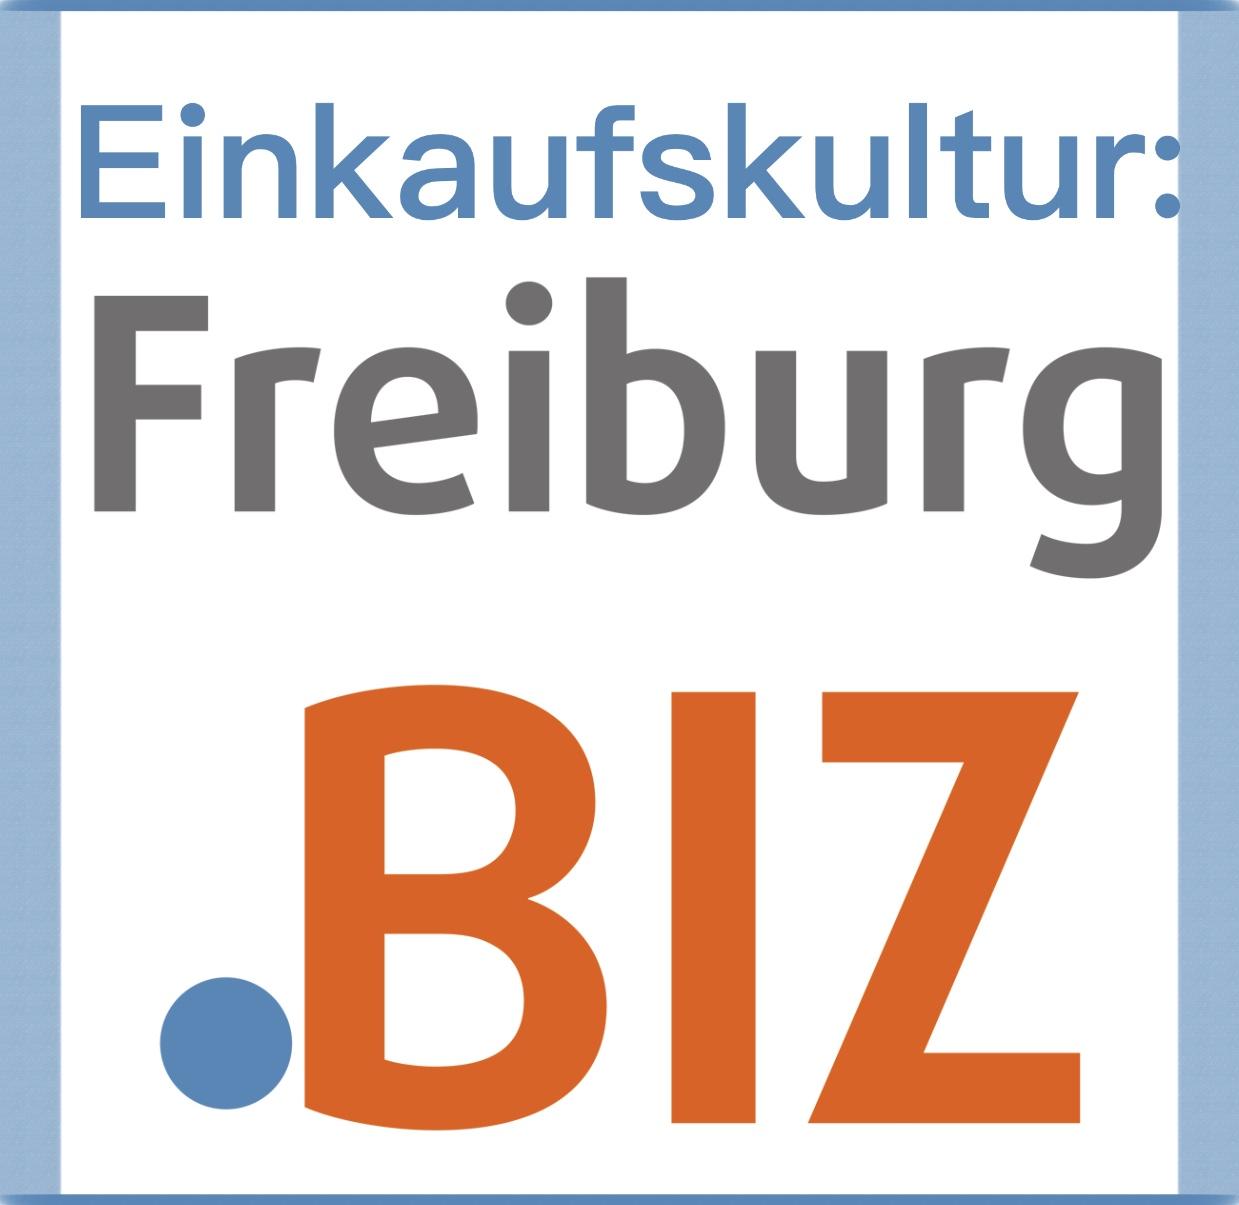 Einkaufskultur: Freiburg.BIZ